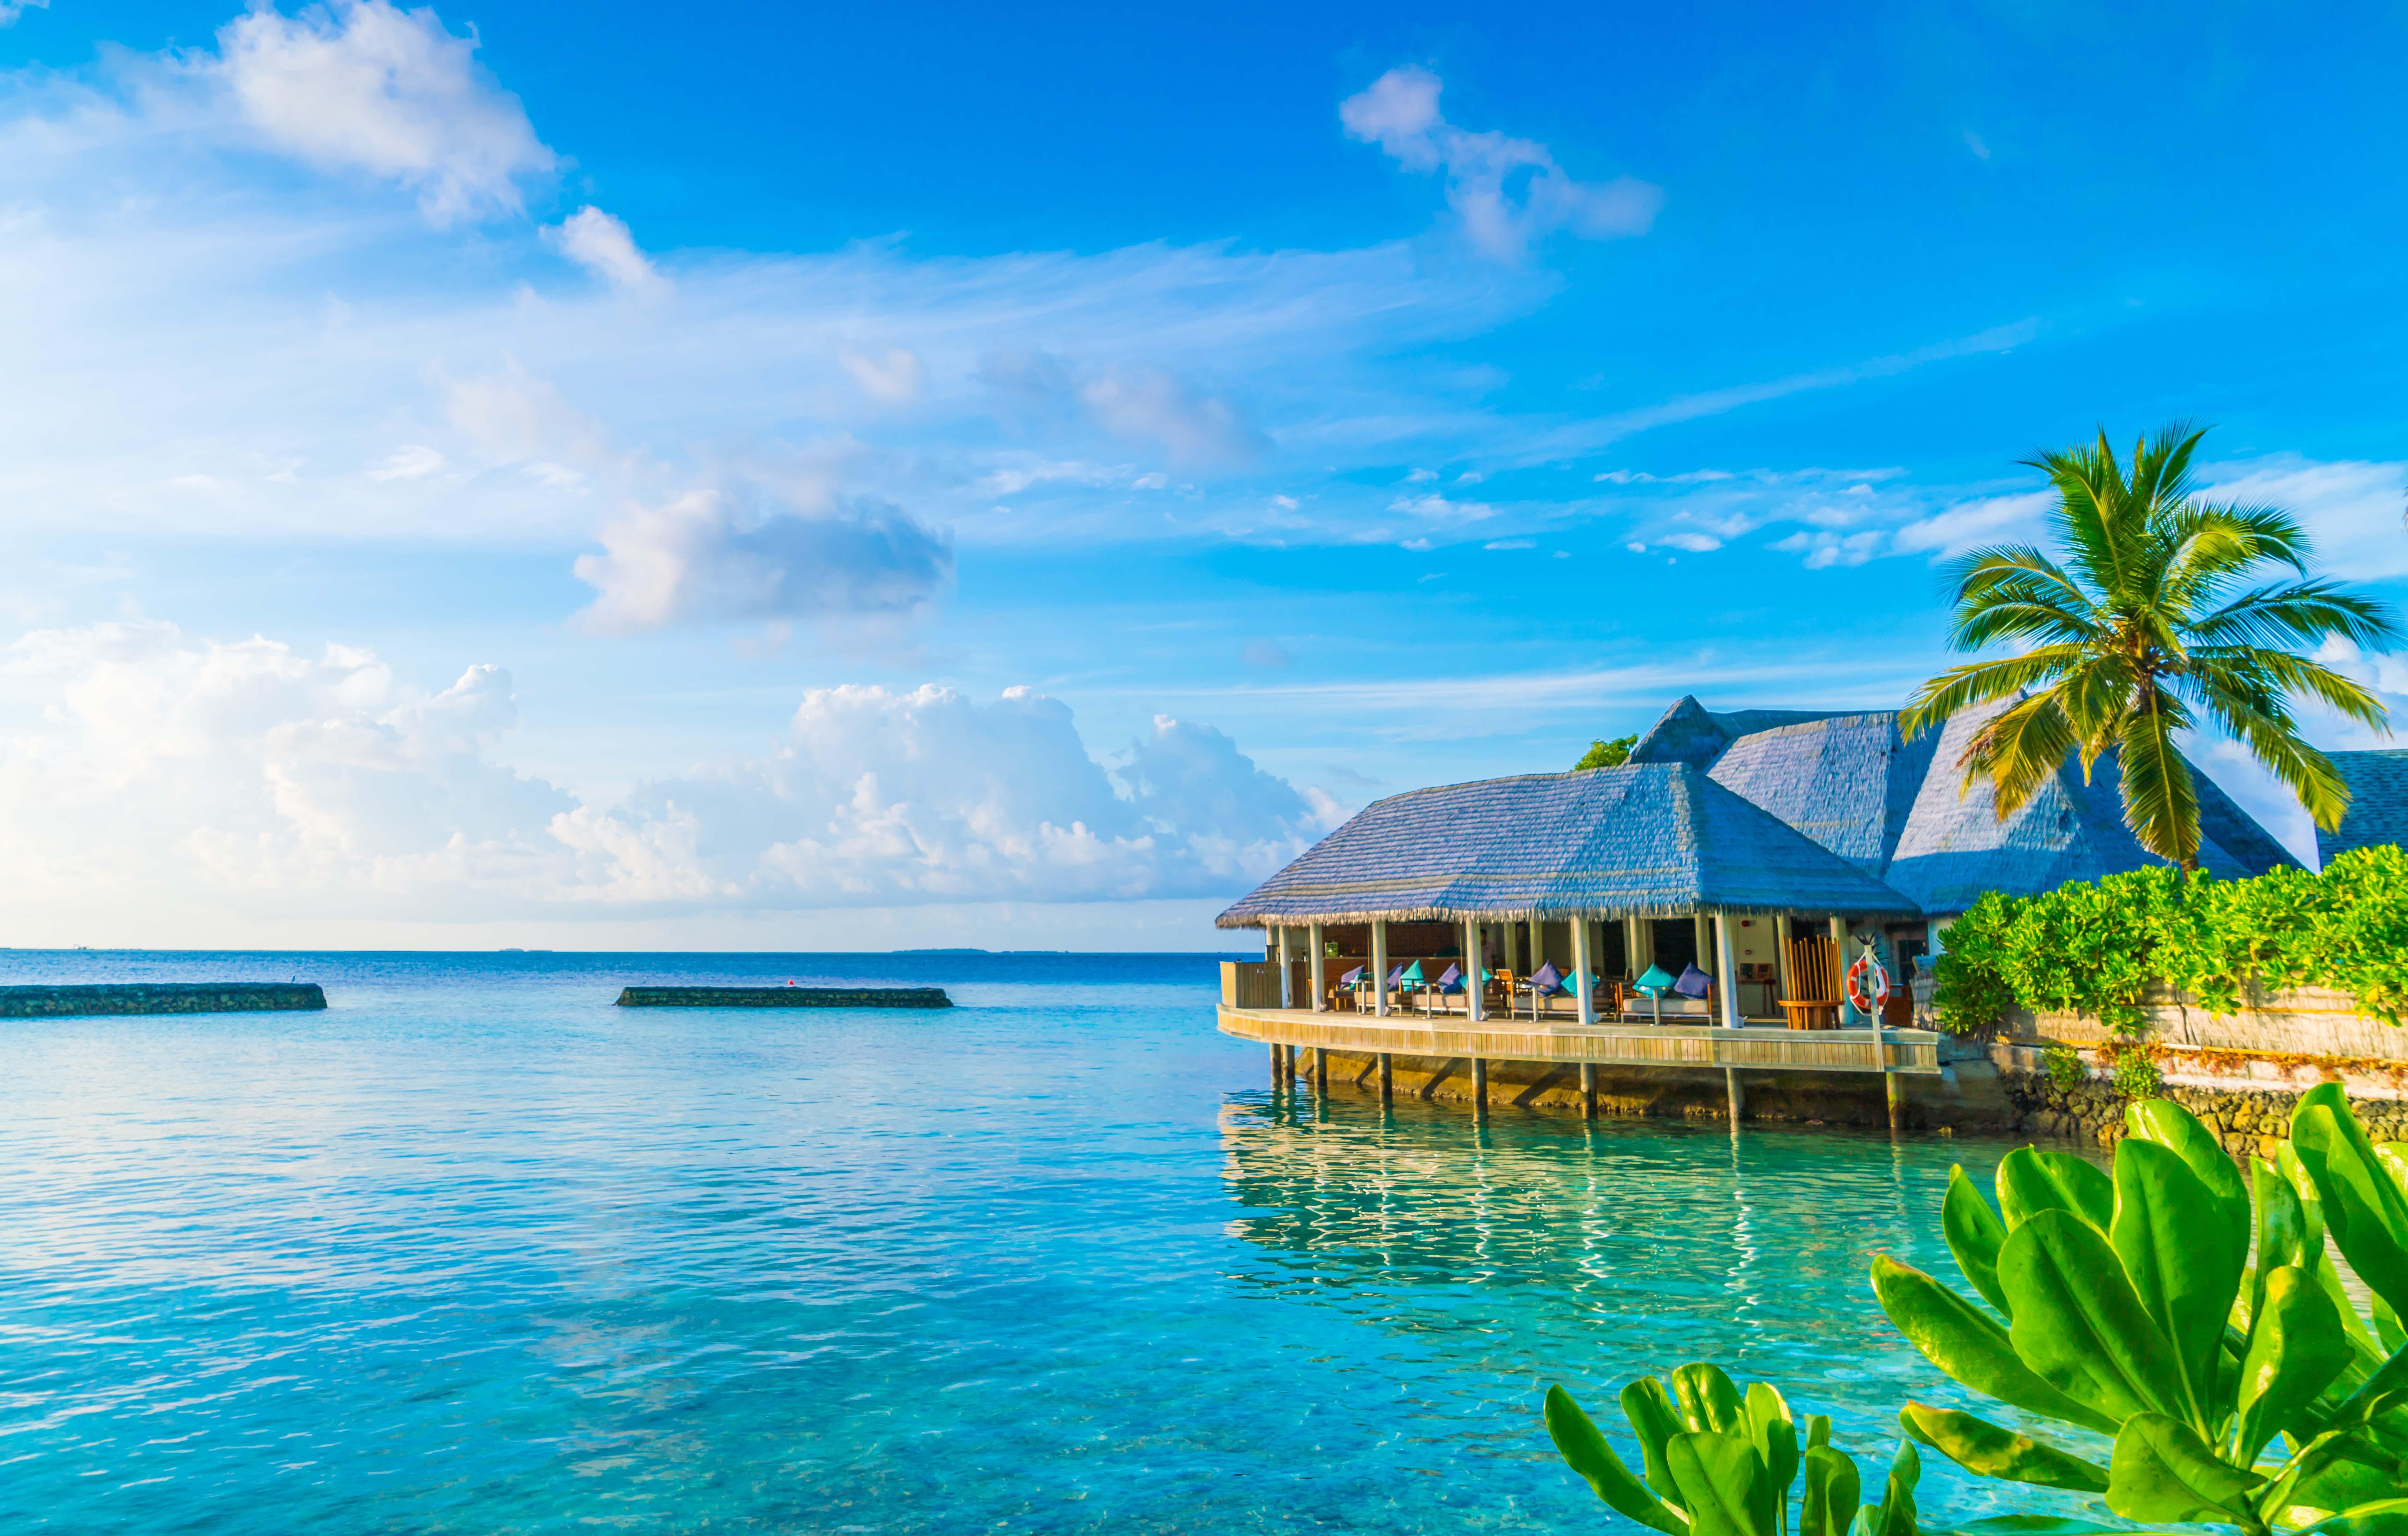 Imágenes de Maldivas